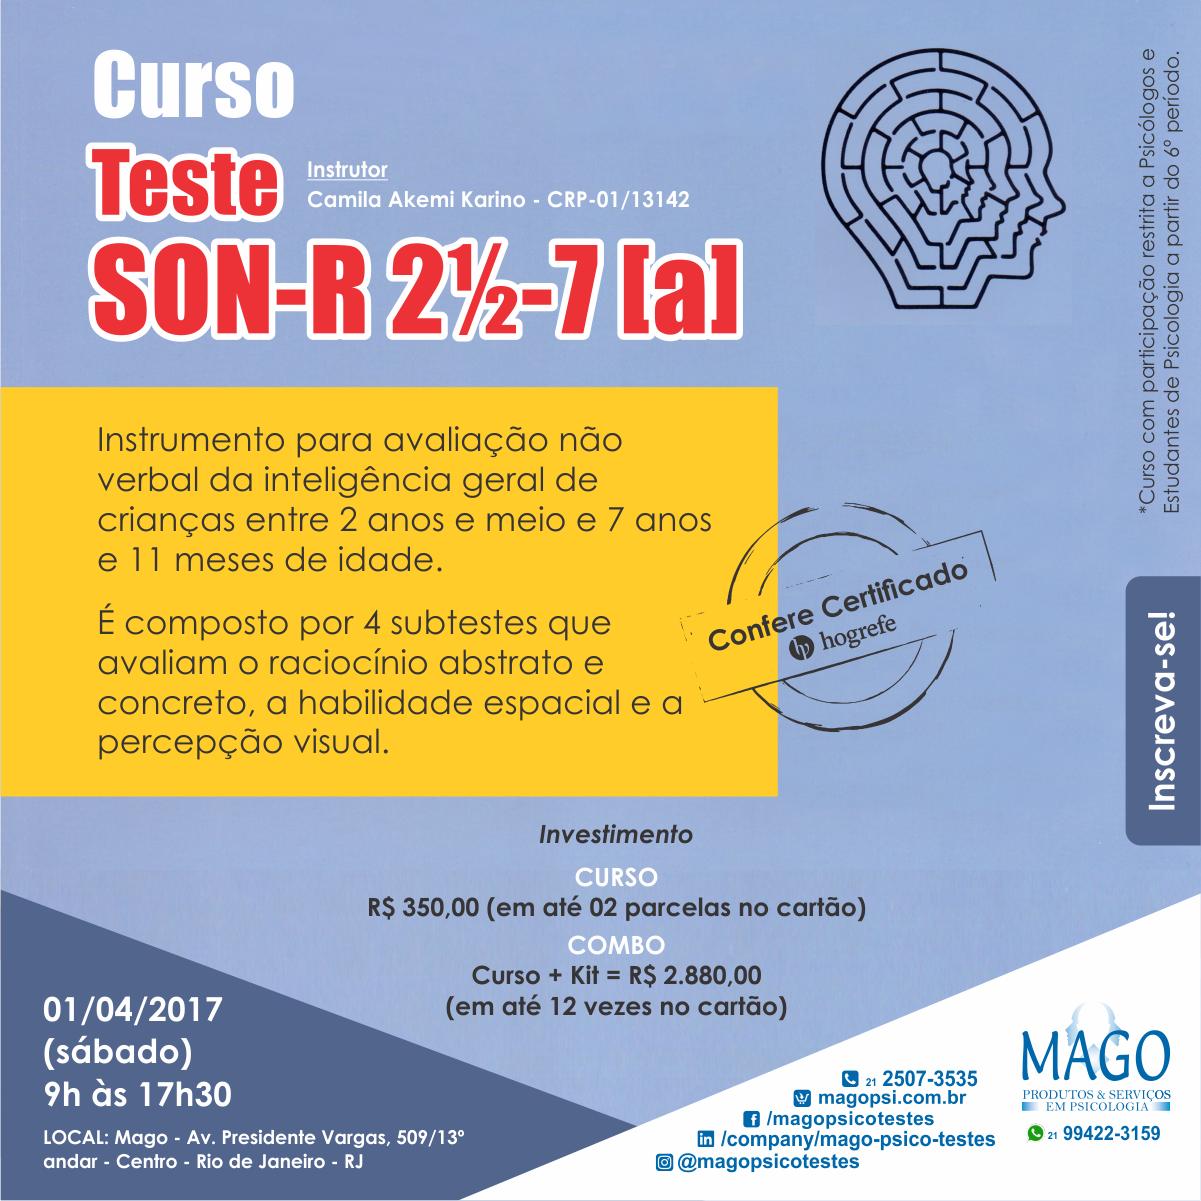 Curso do TESTE SON-R 2½-7 [a]